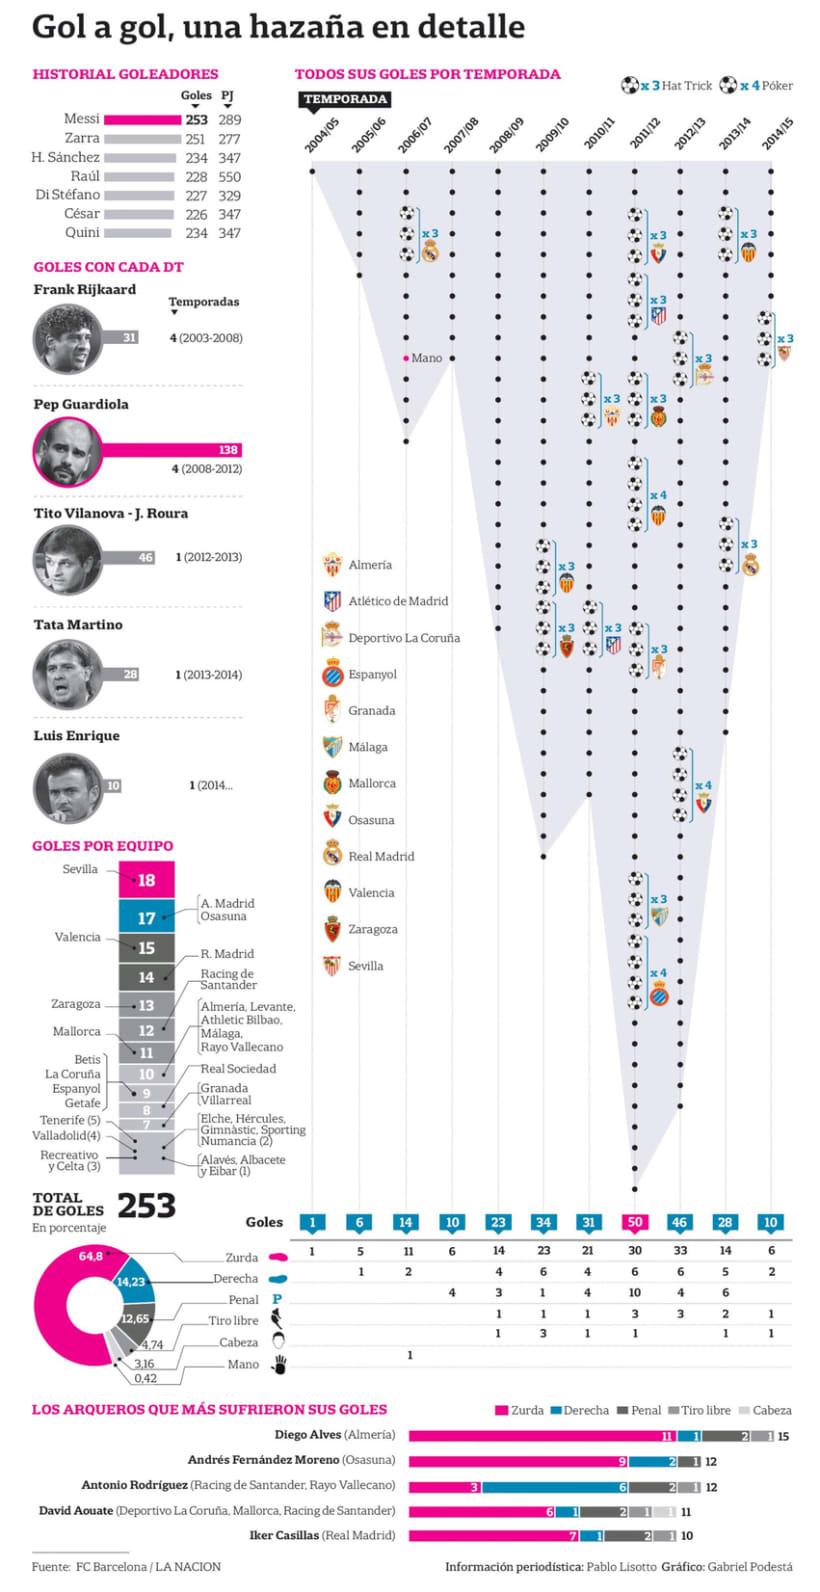 Historial político de los candidatos. Elecciones Nacionales Argentina 2015 12